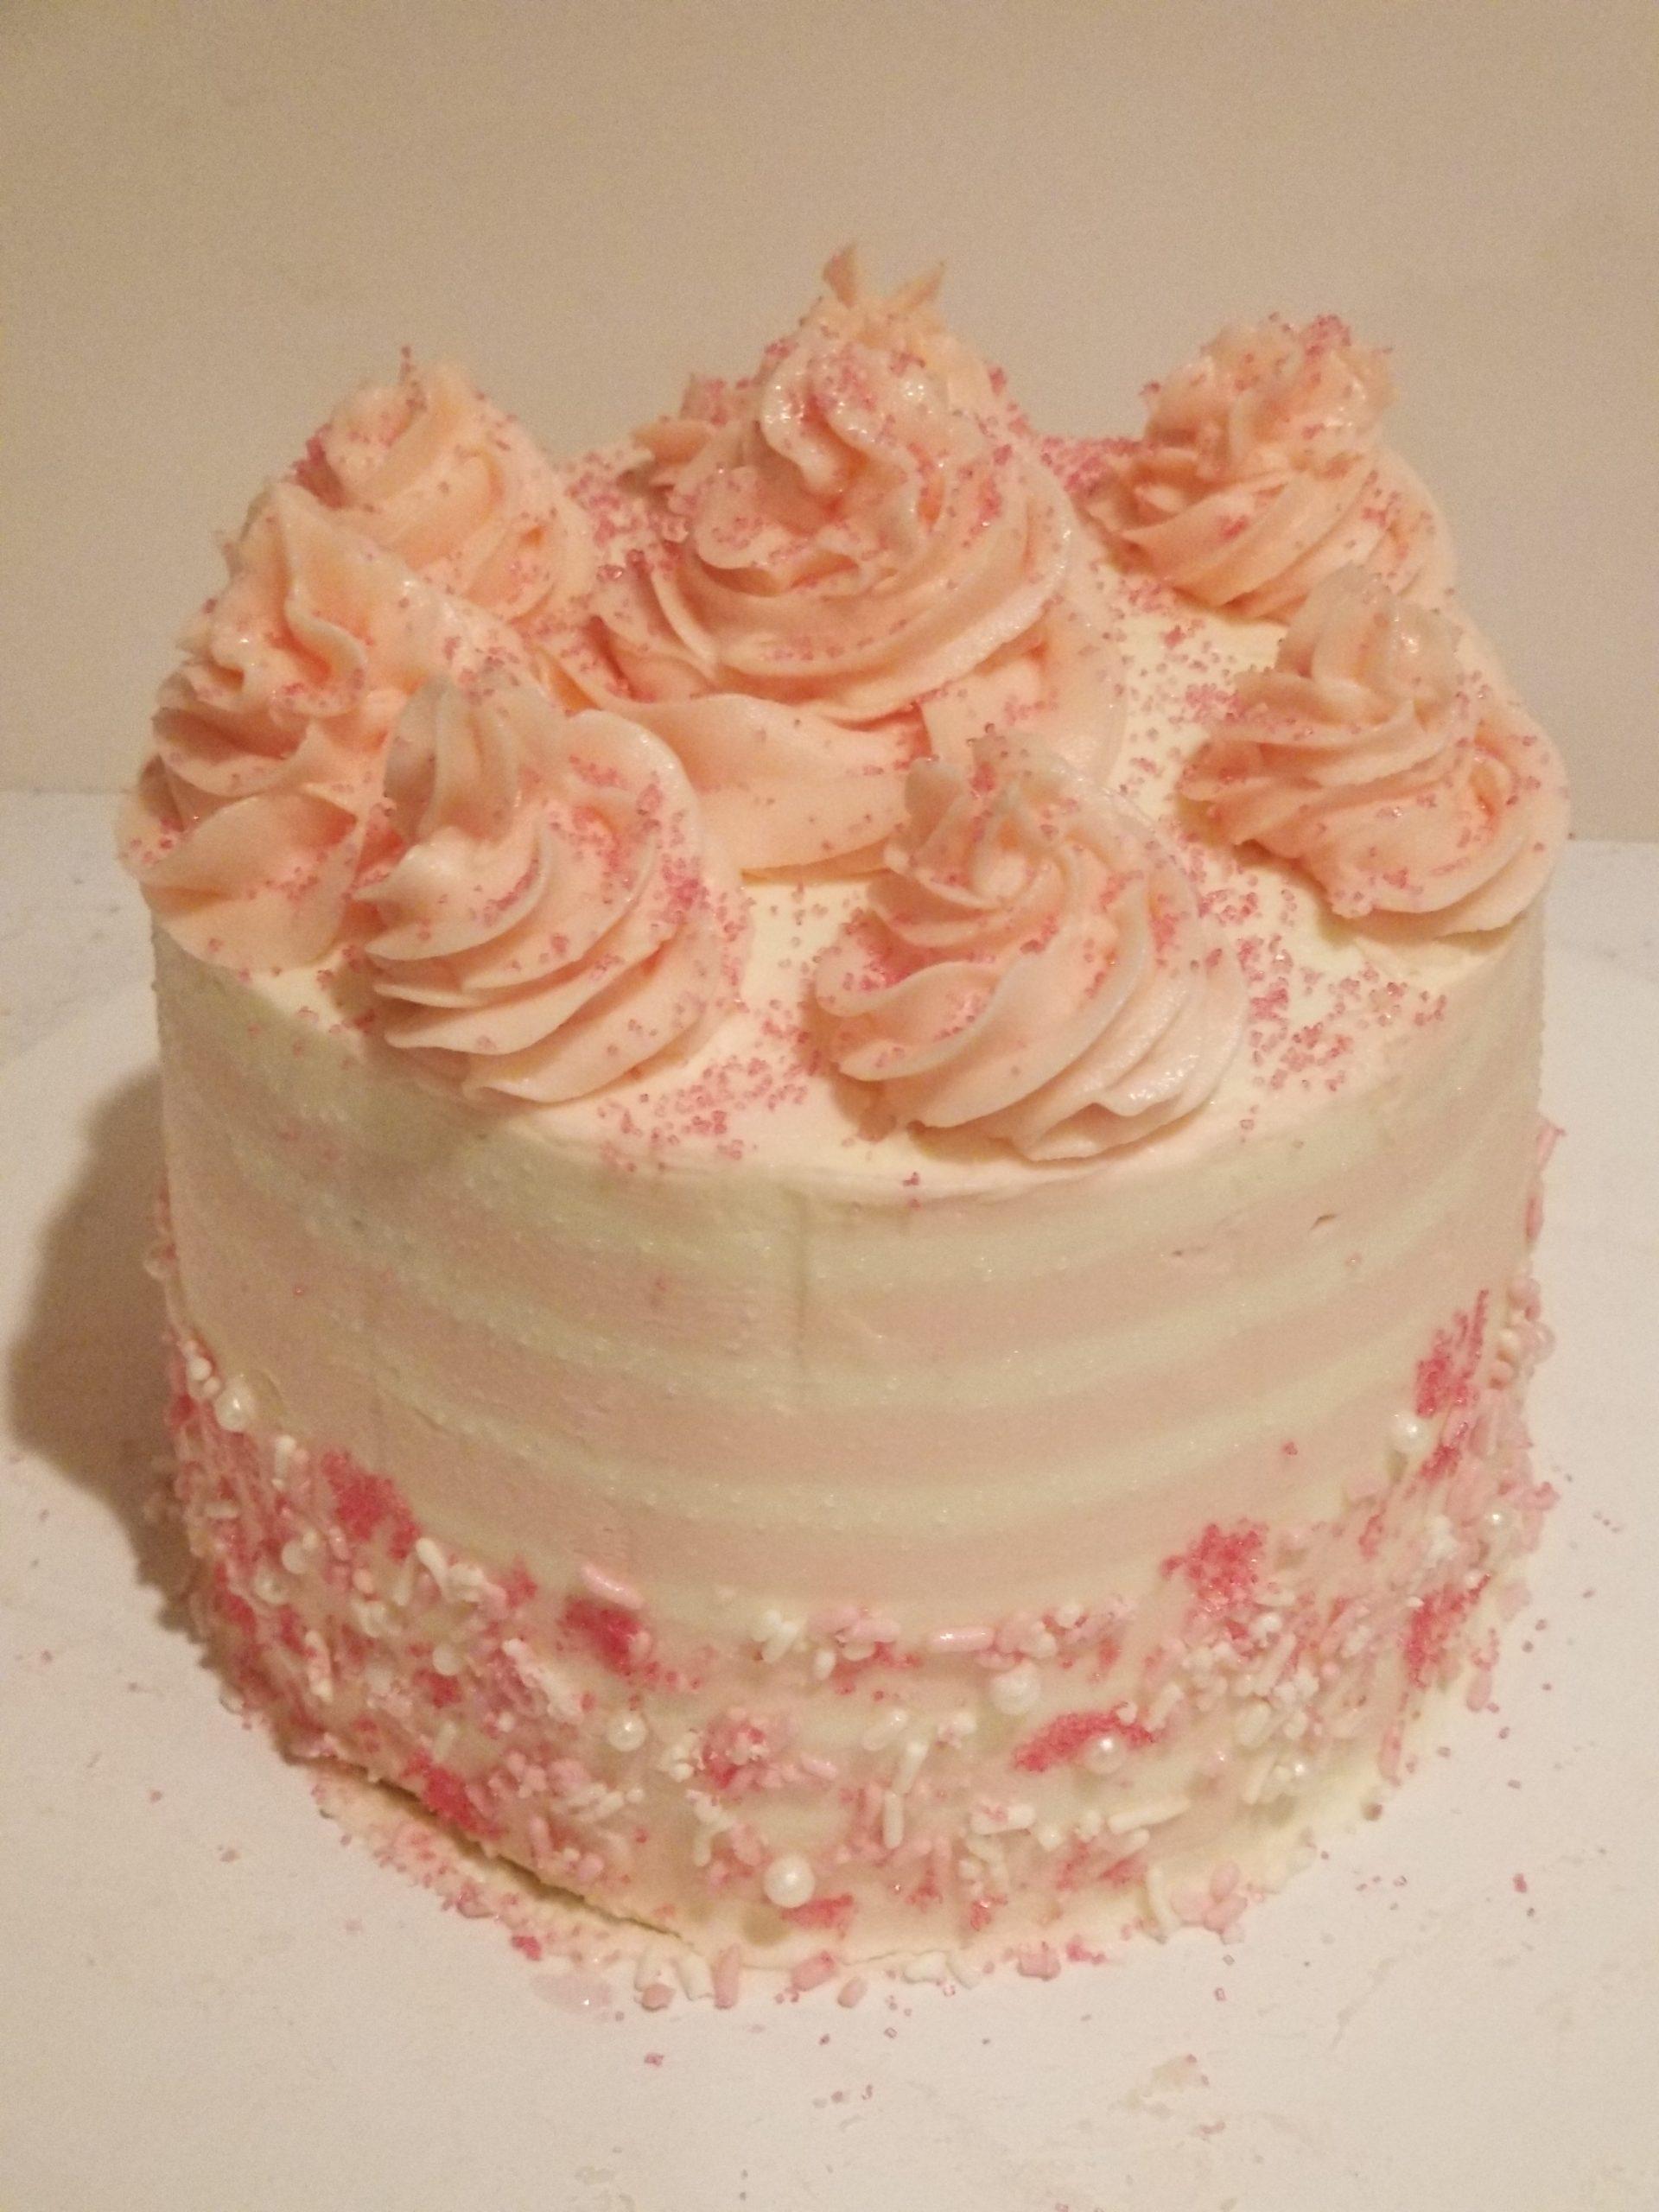 stipe cake